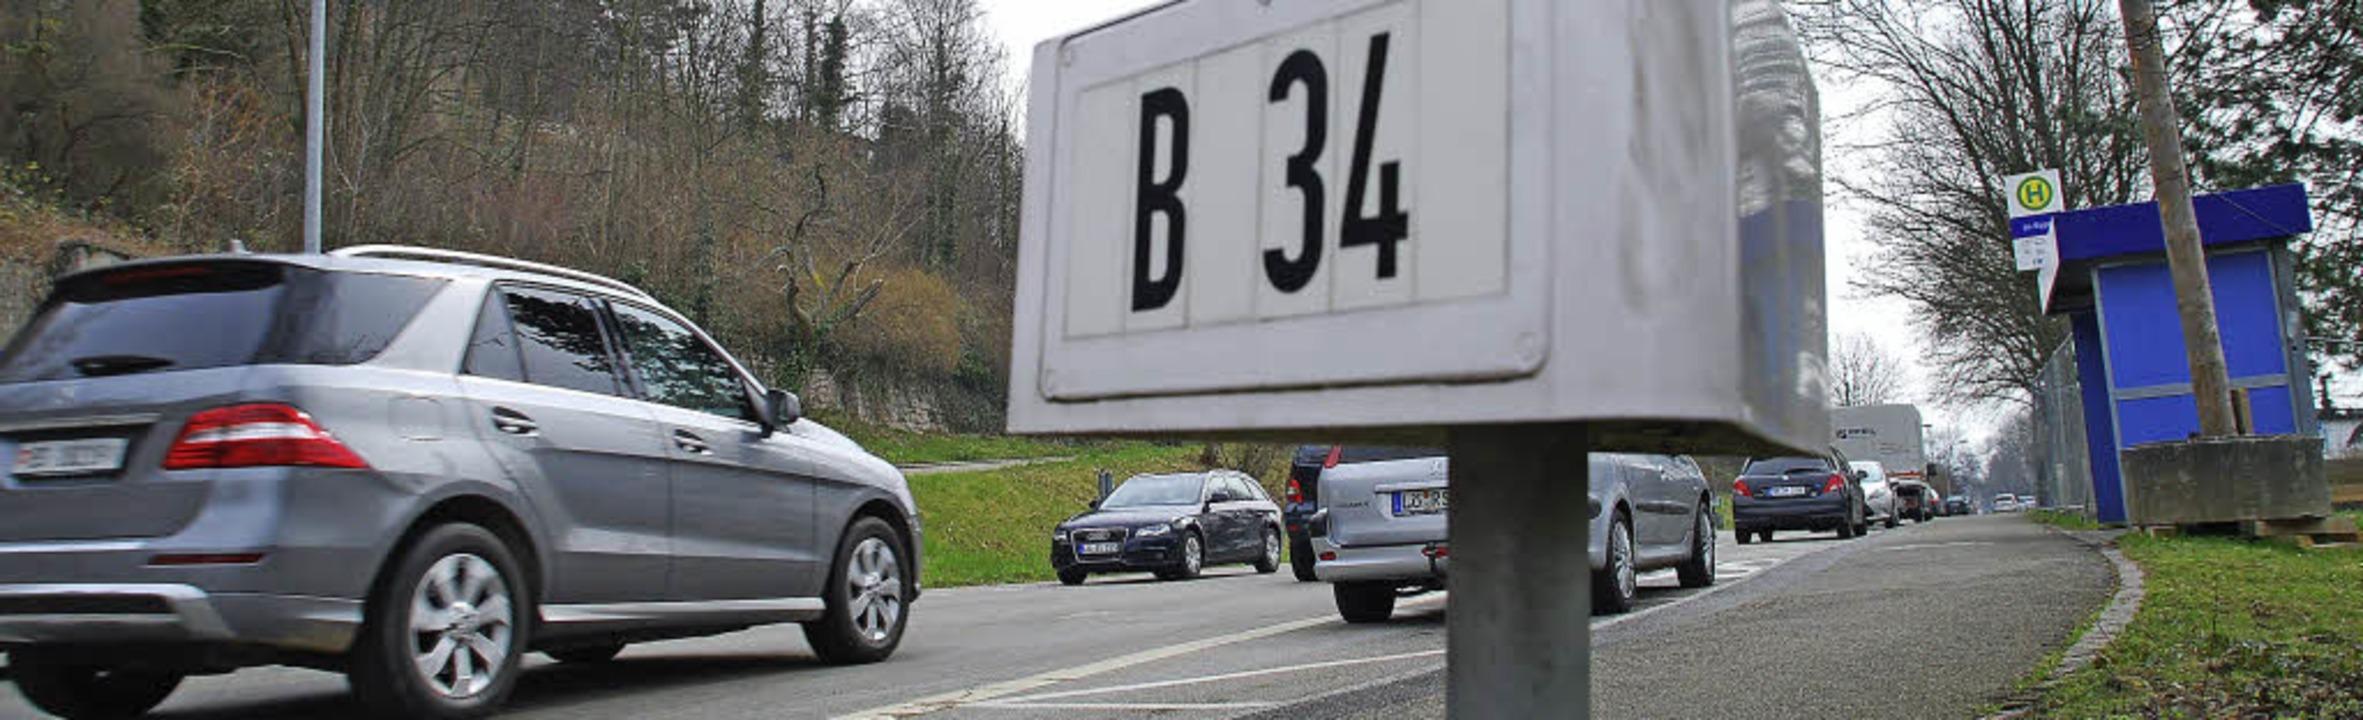 Die Verkehrsbelastung auf er B34 reich...ste des Landes nach oben zu klettern.   | Foto: Ralf Staub